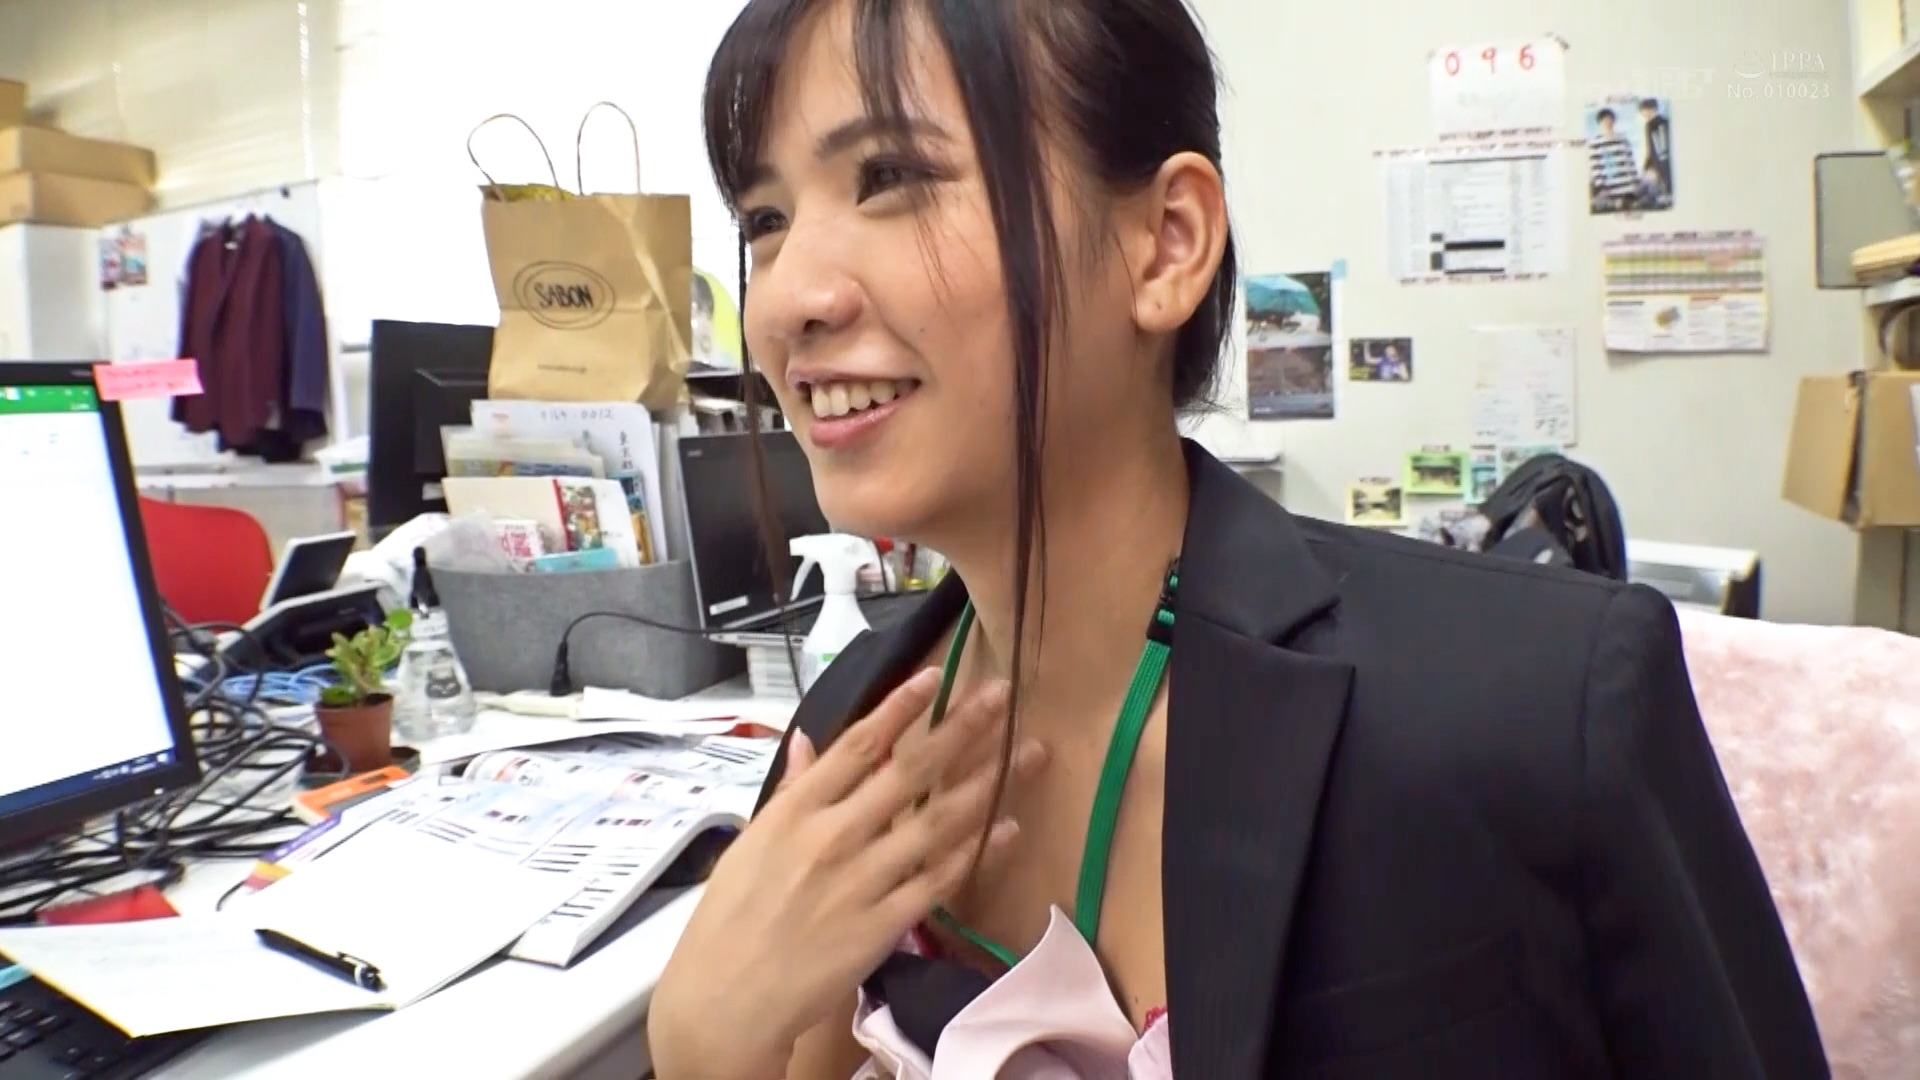 敏感過ぎる華奢な身体が何度も何度もイキ狂い めちゃイキ4本番 SOD女子社員 新卒入社1年目 宮崎リンのサンプル動画